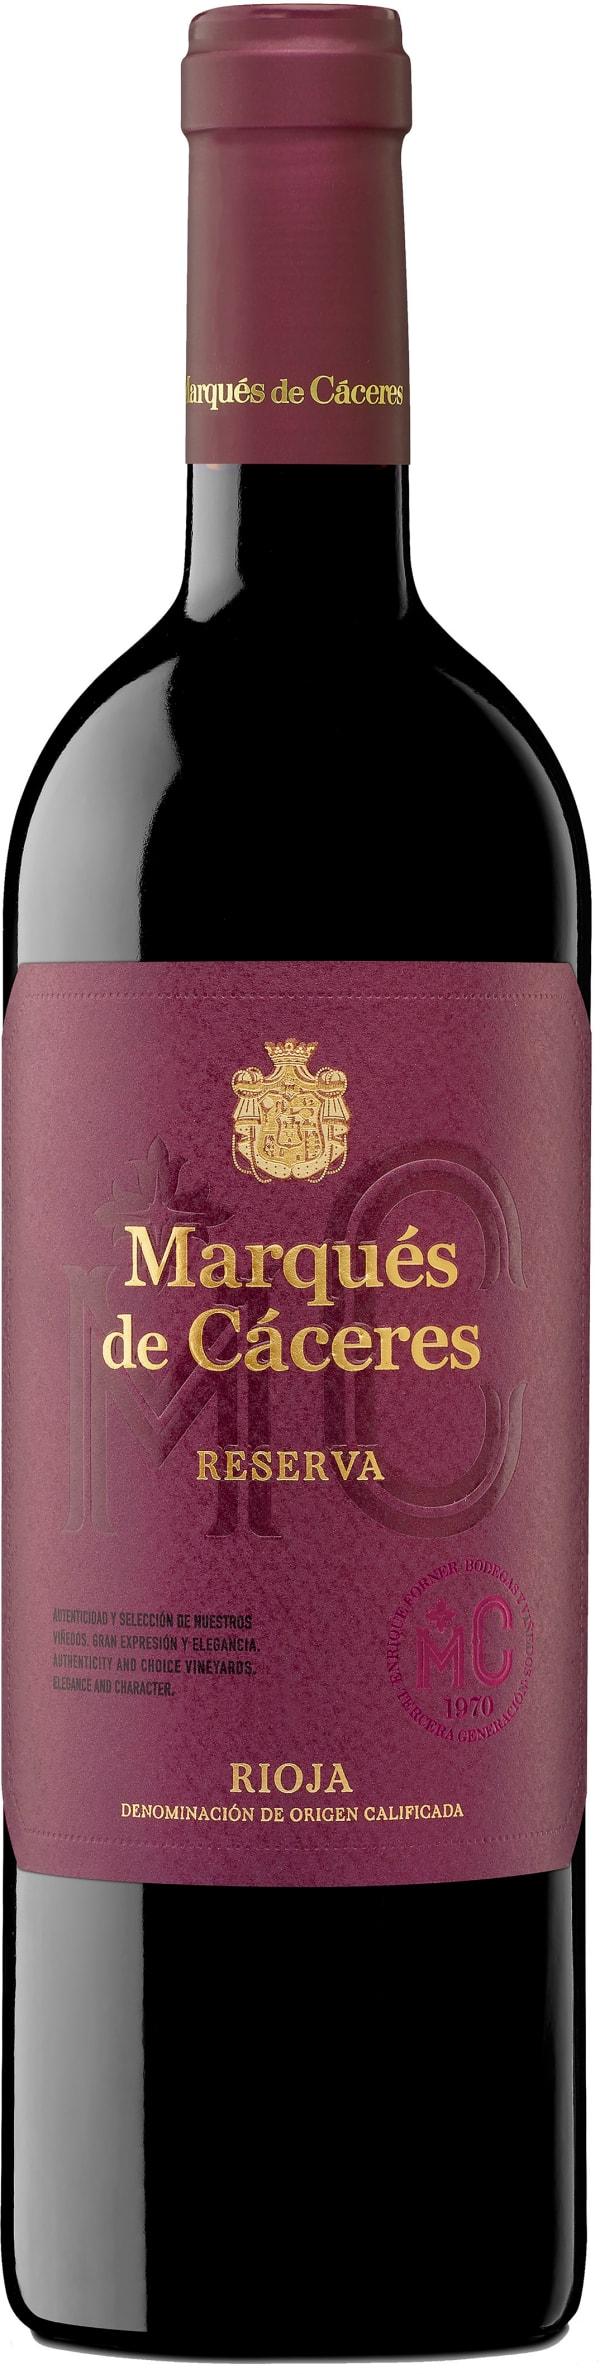 Marqués de Cáceres Reserva 2015